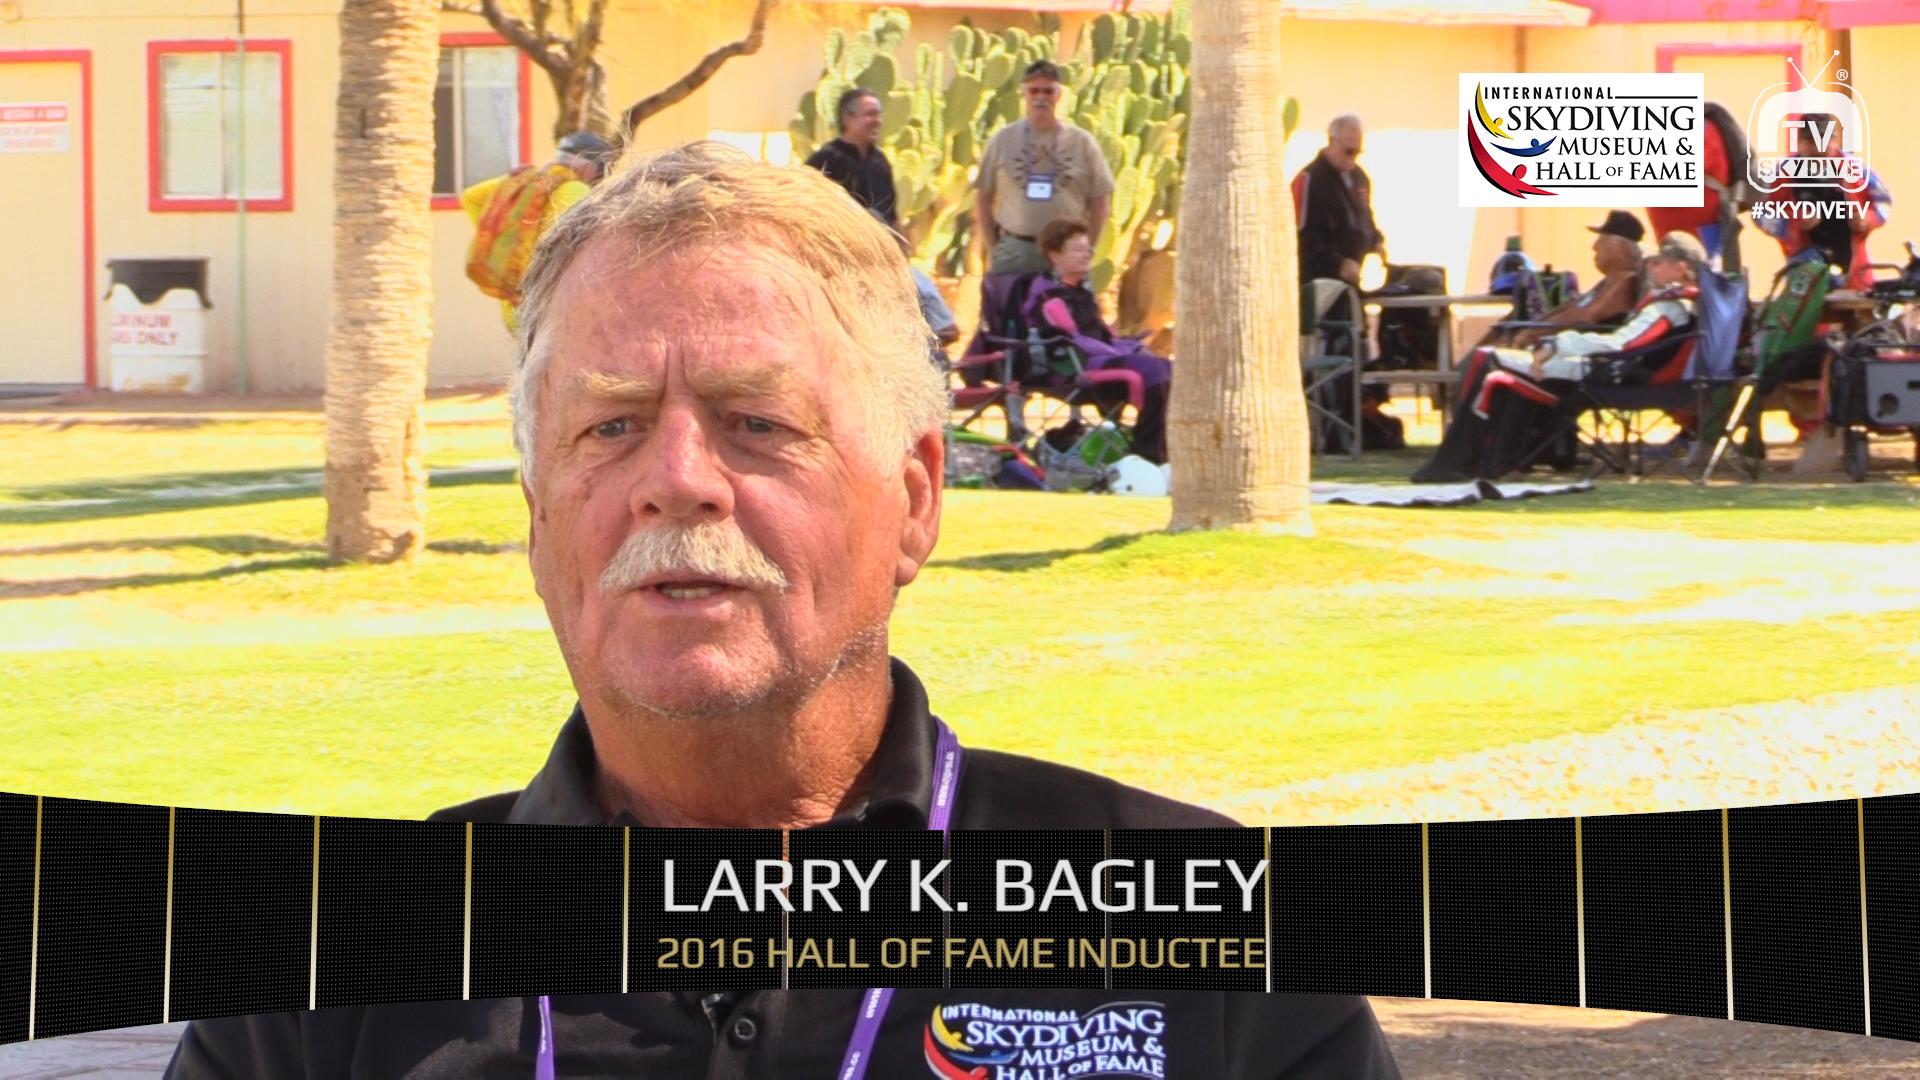 larry-k-bagley